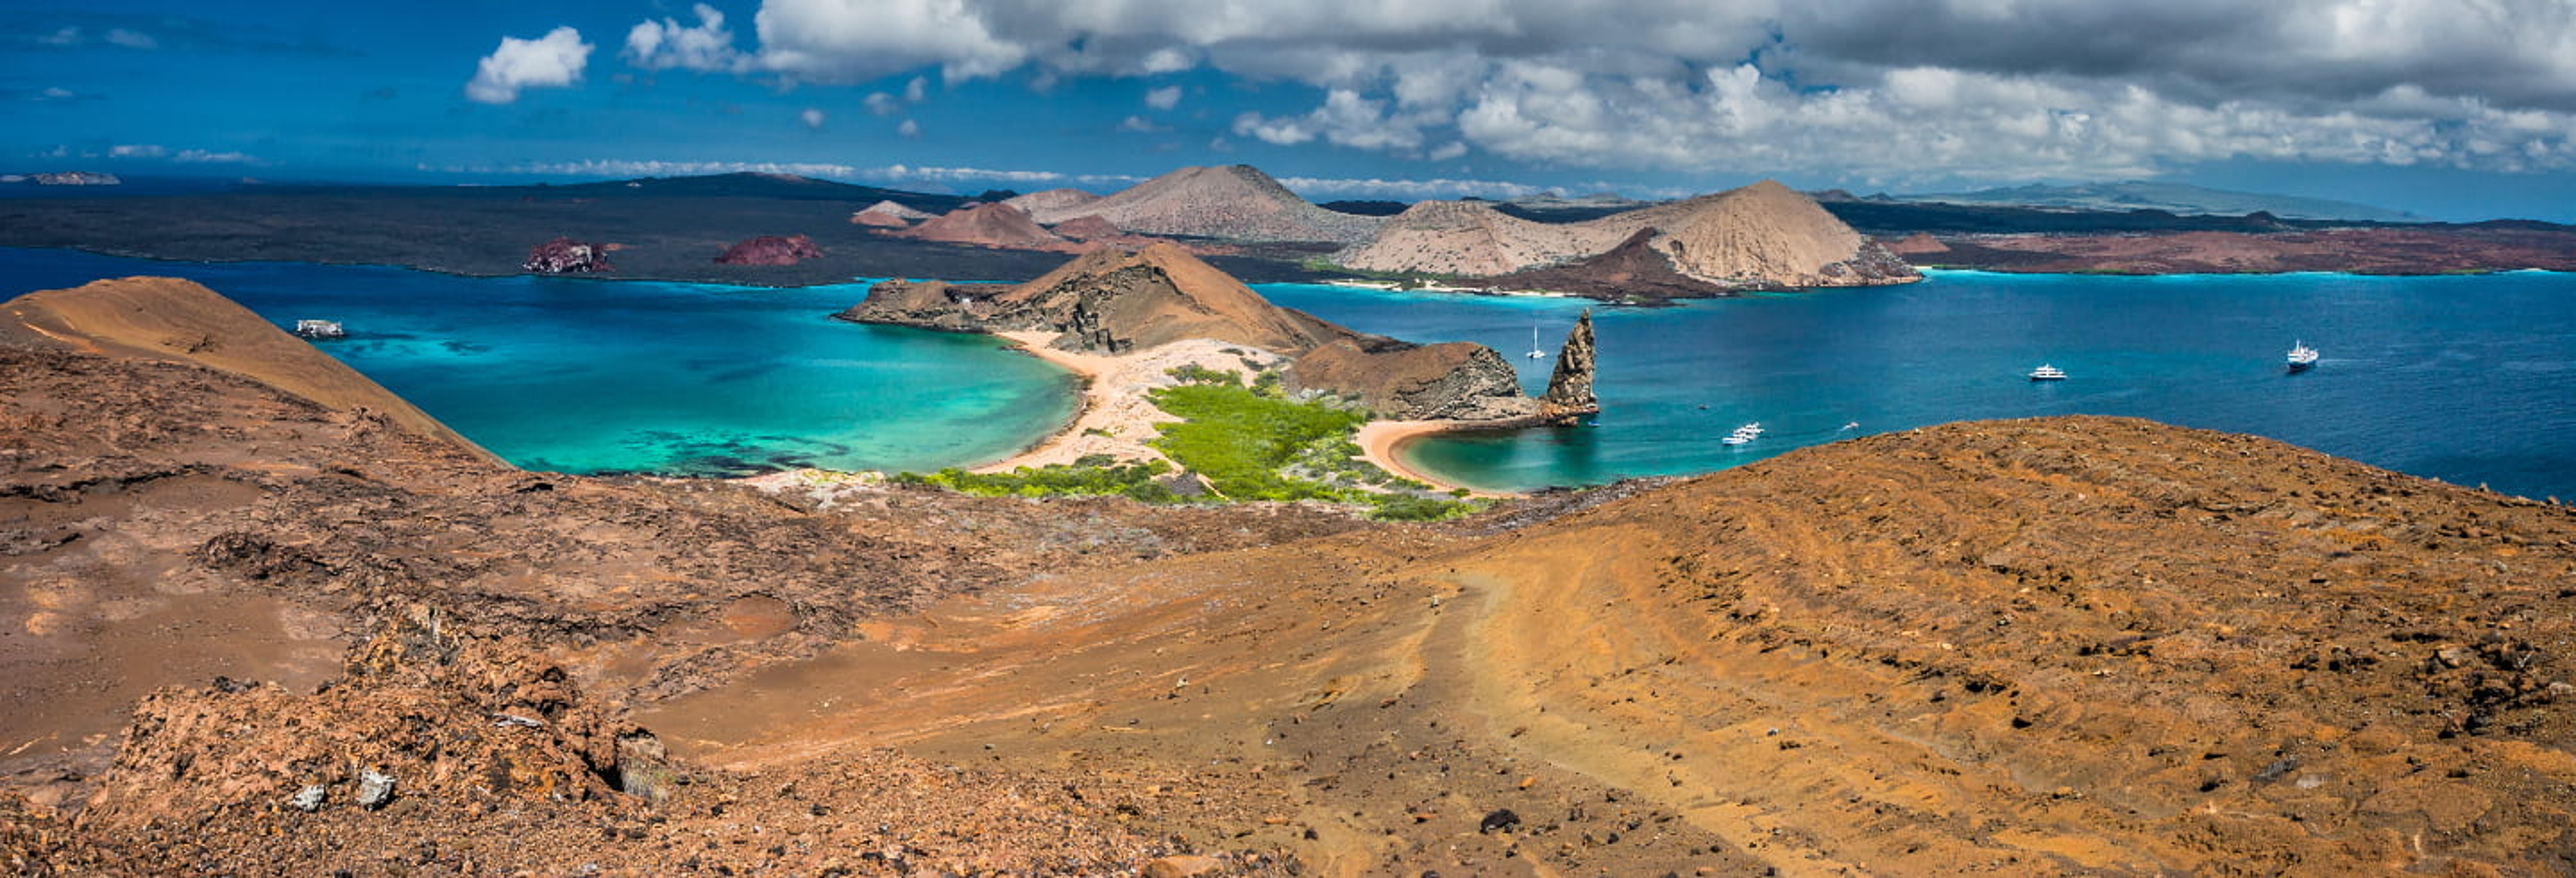 Excursion sur l'île Bartolomé